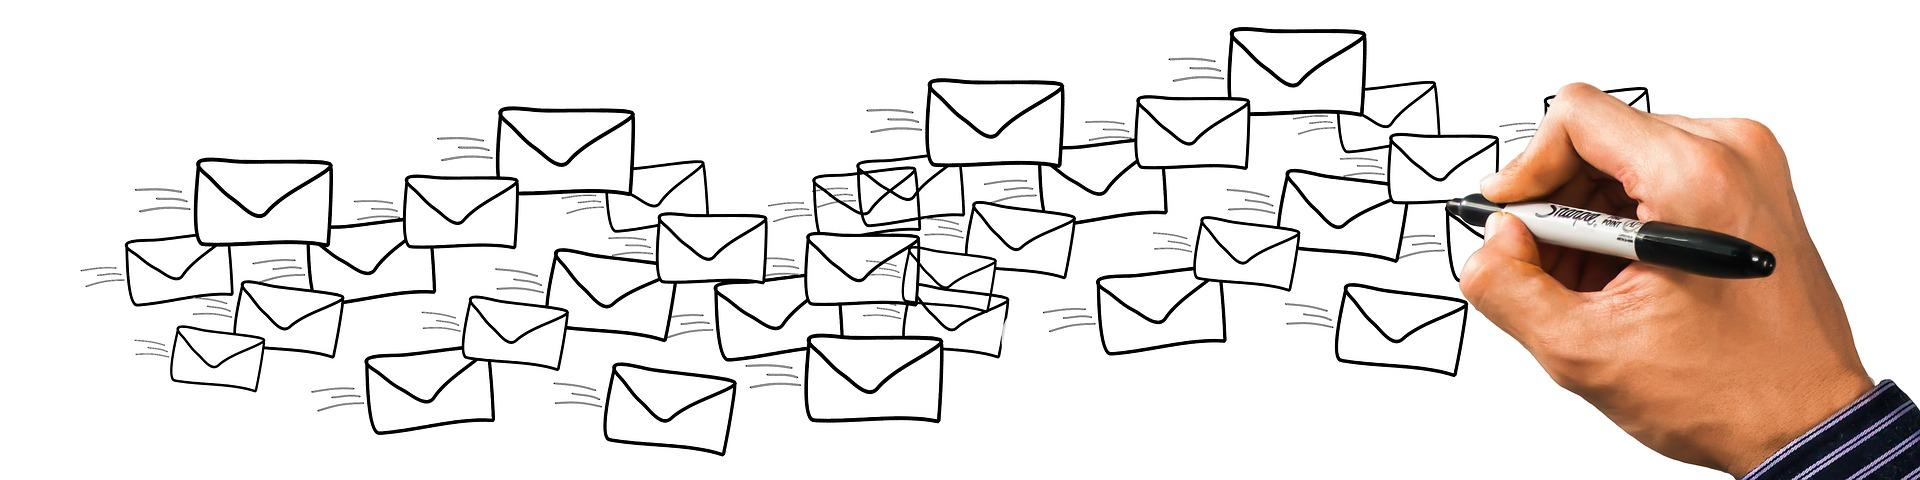 email tactics 2019